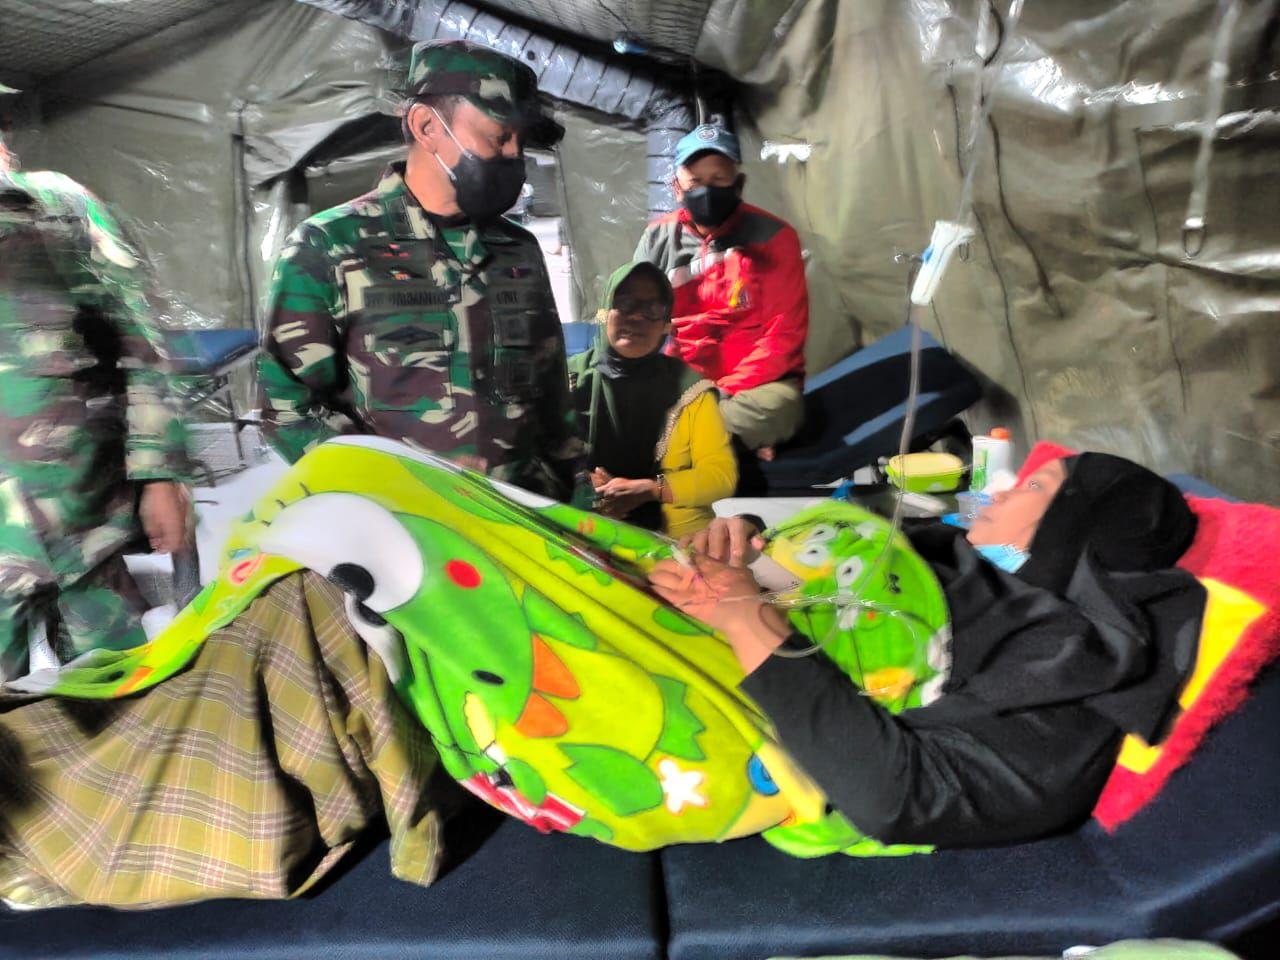 Dokter Spesialis Rumah Sakit Lapangan TNI - AD Lakukan Operasi.